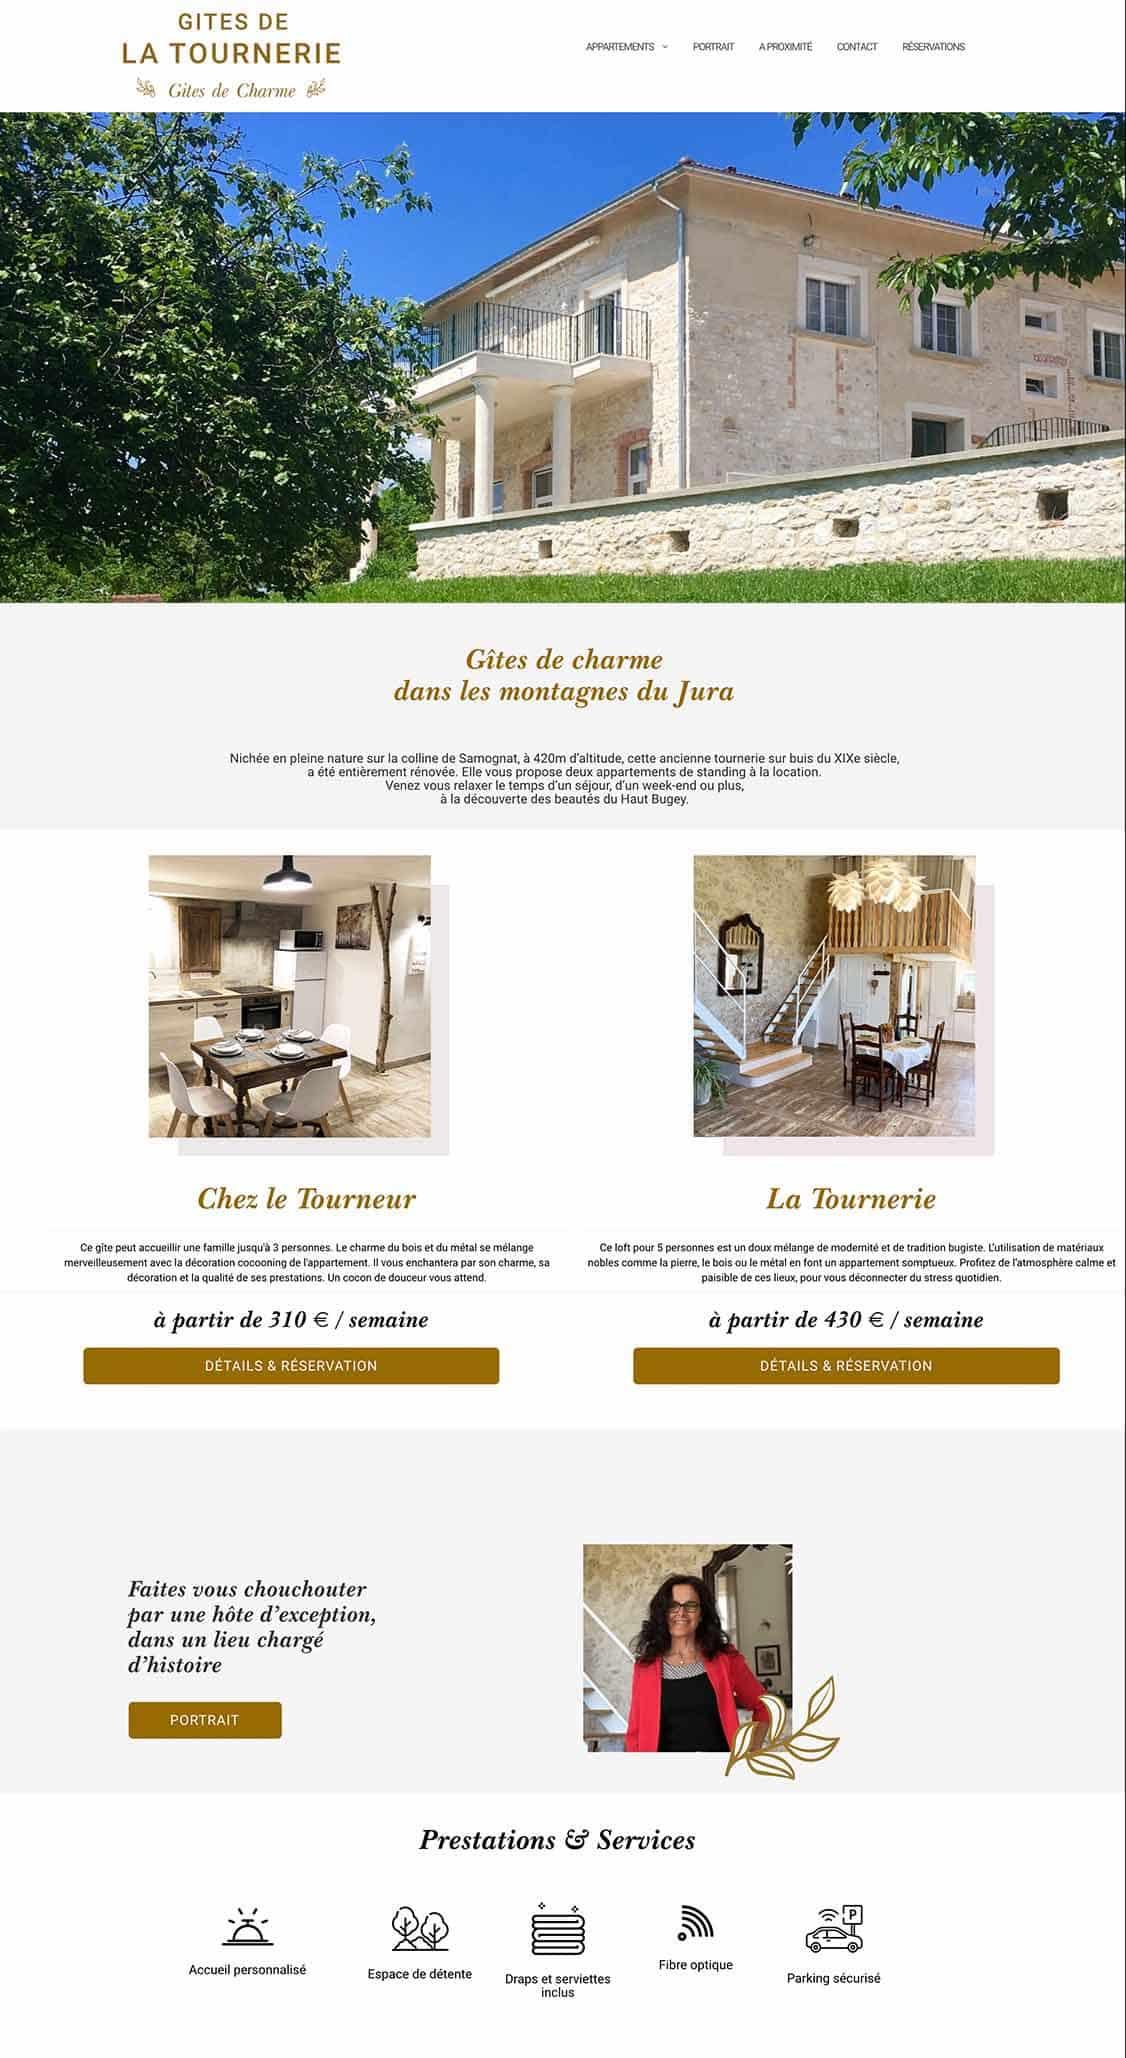 Gîtes La Tournerie projet site web, réservation en ligne, e-commerce, seo, stratégie digitale, référencement, structure UX projet Marwee consultant web Cruseilles